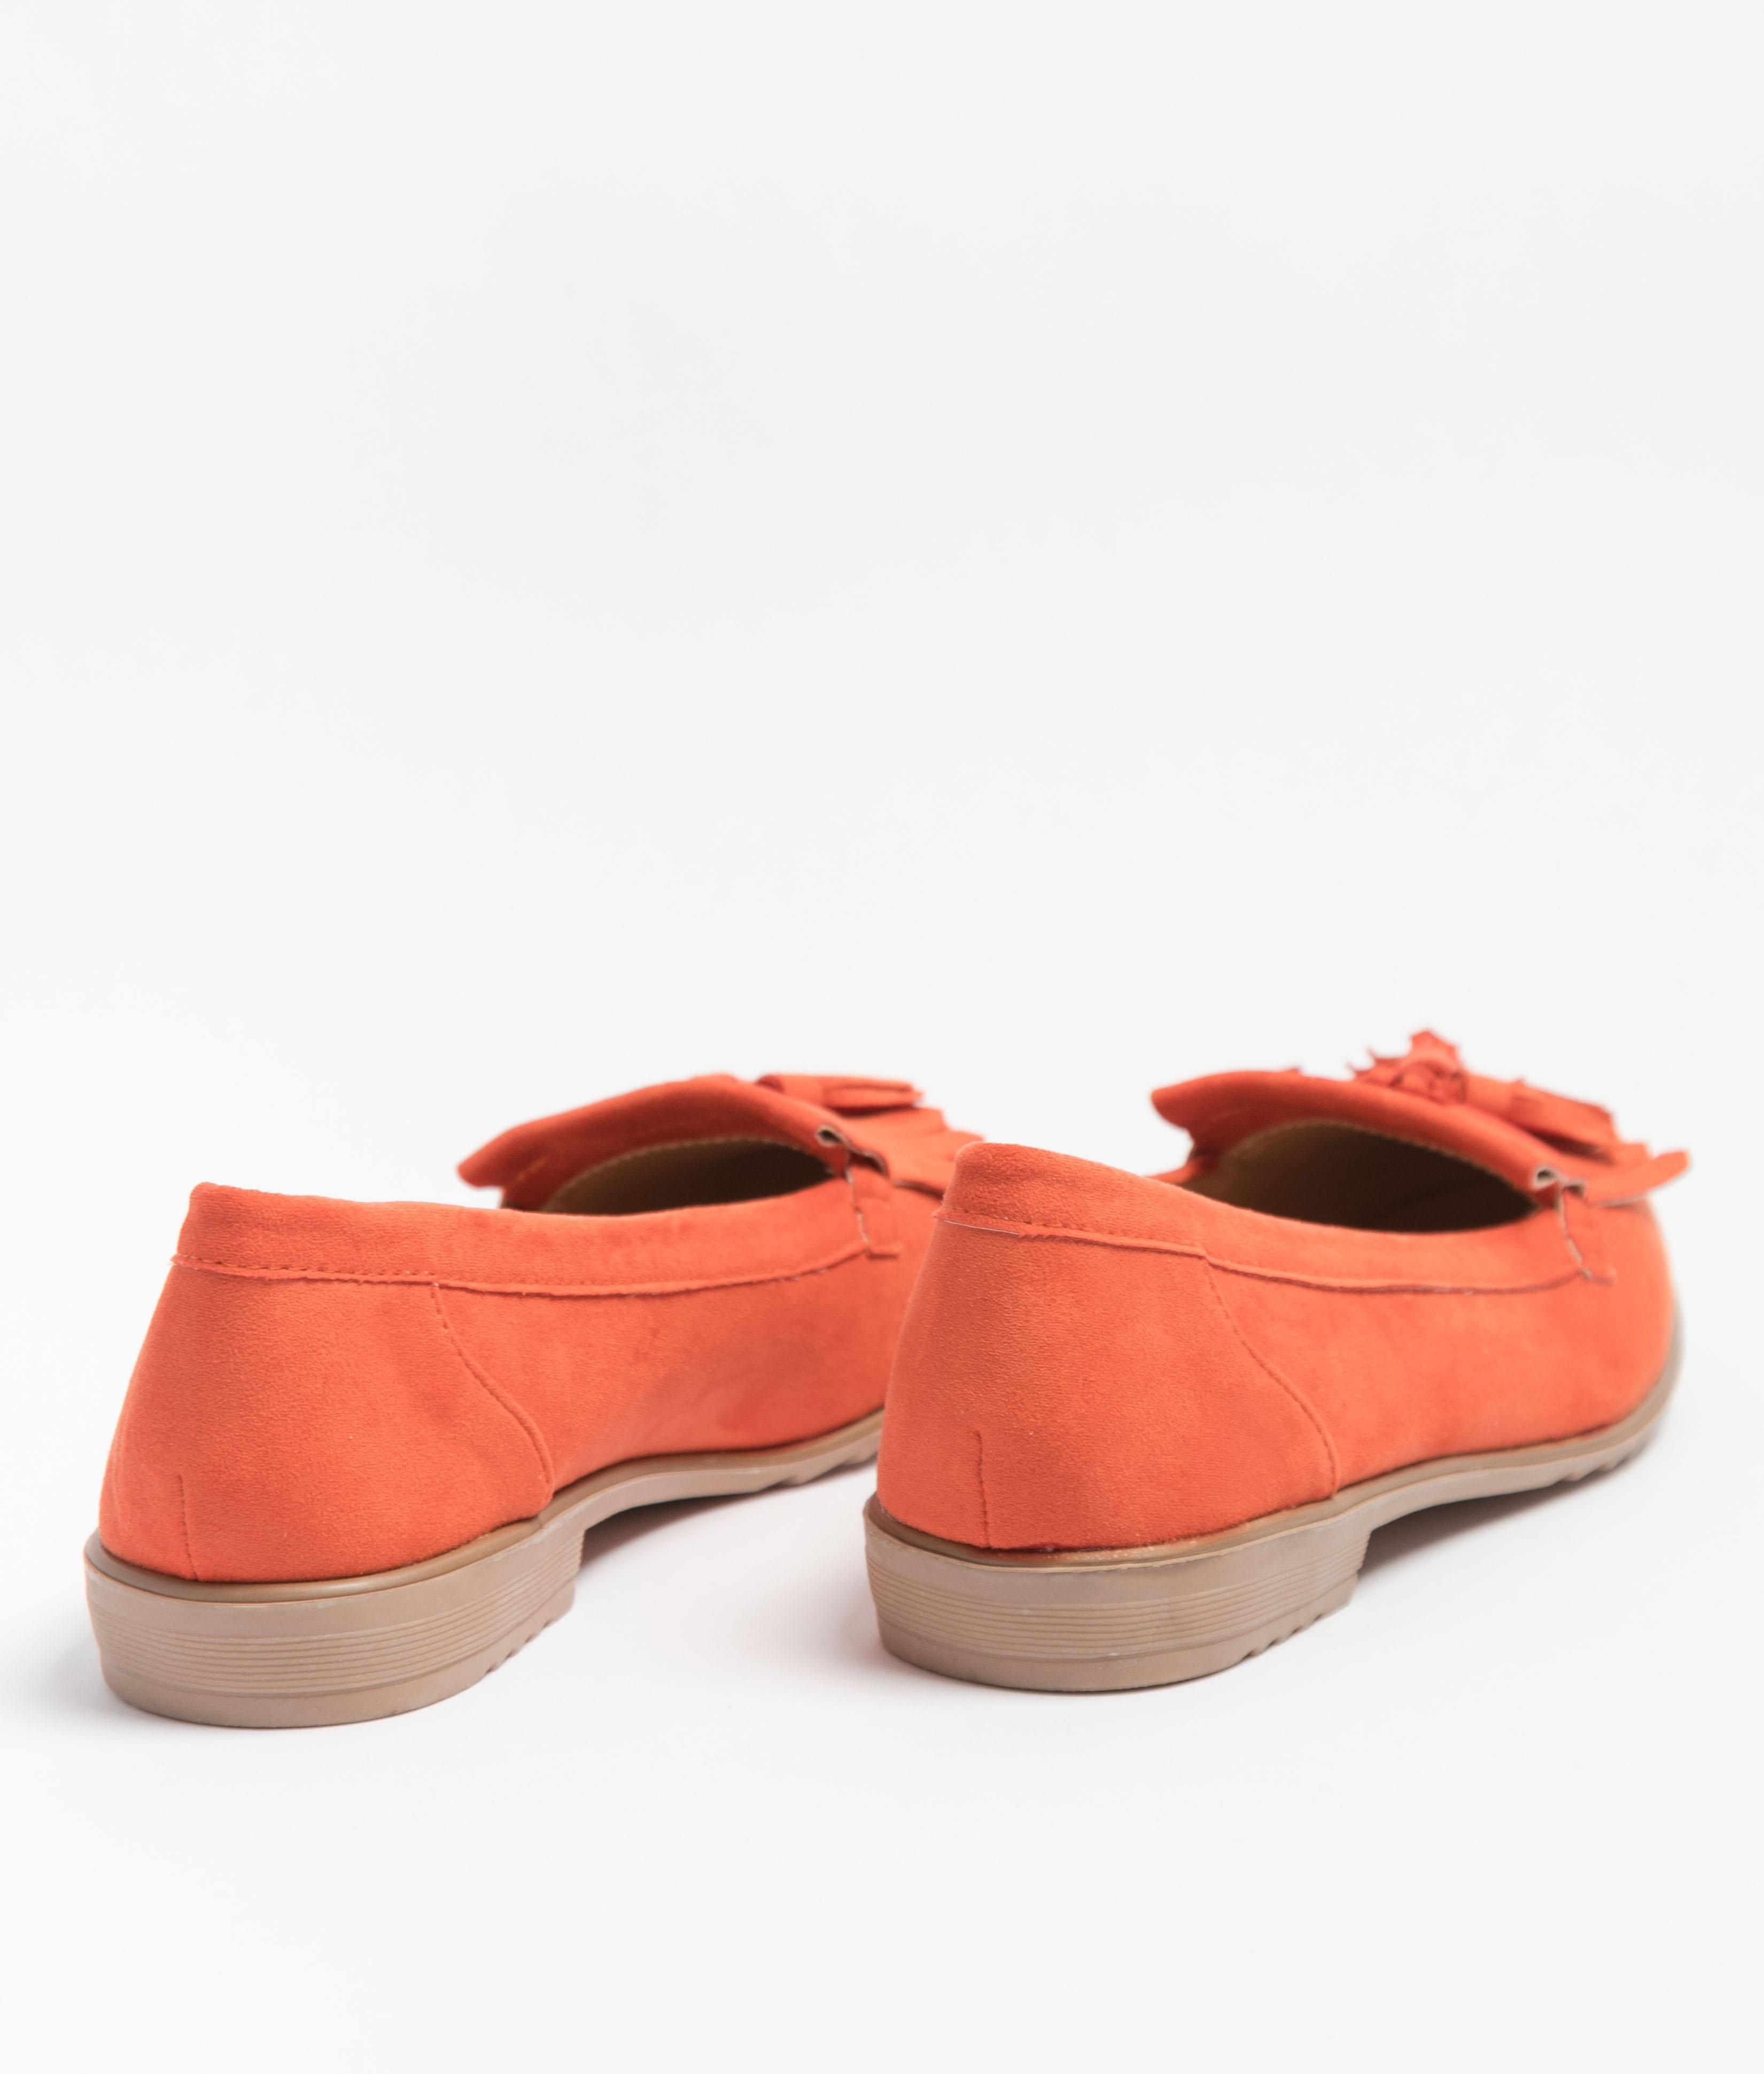 Zapatito Canadiense - Arancione